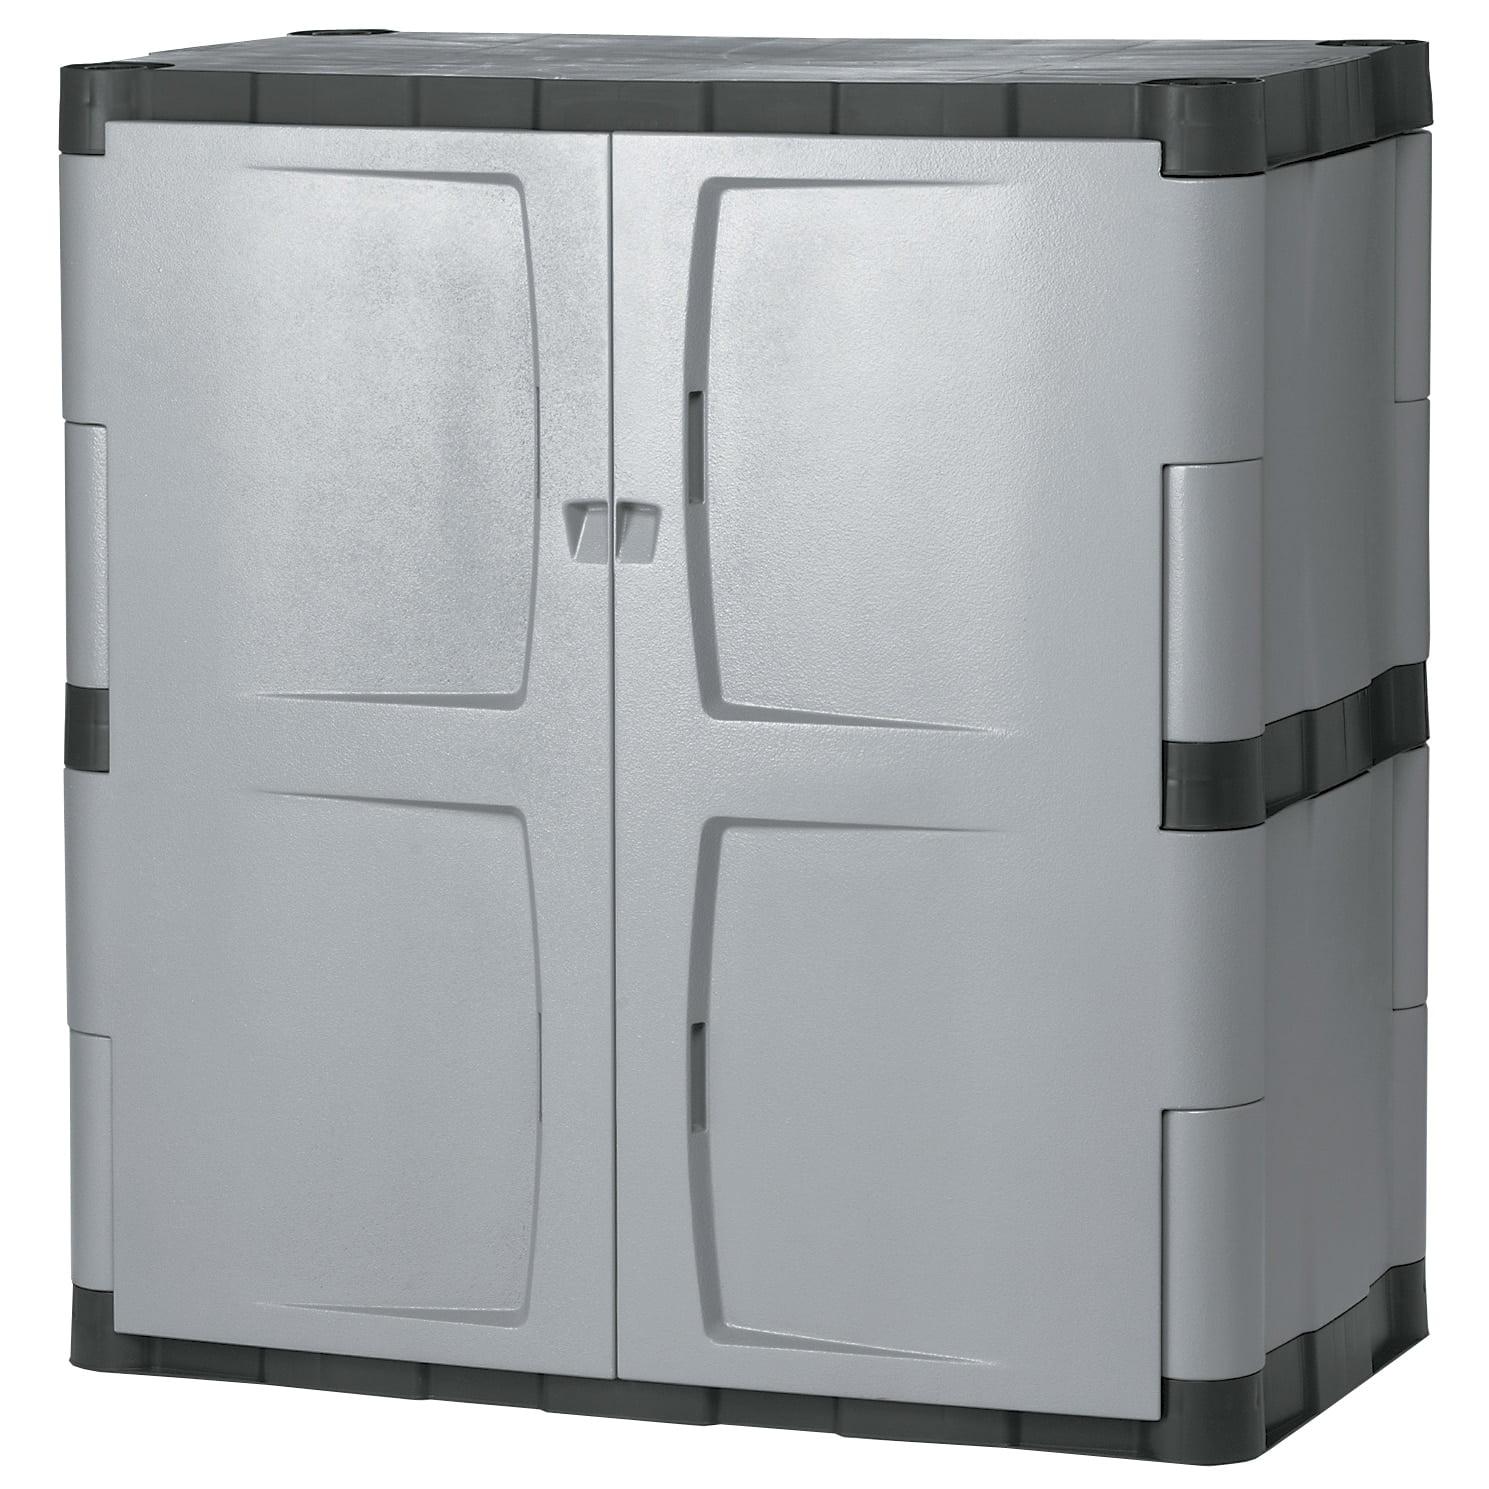 Rubbermaid Commercial Grey/Black Double-door Storage Cabinet ...